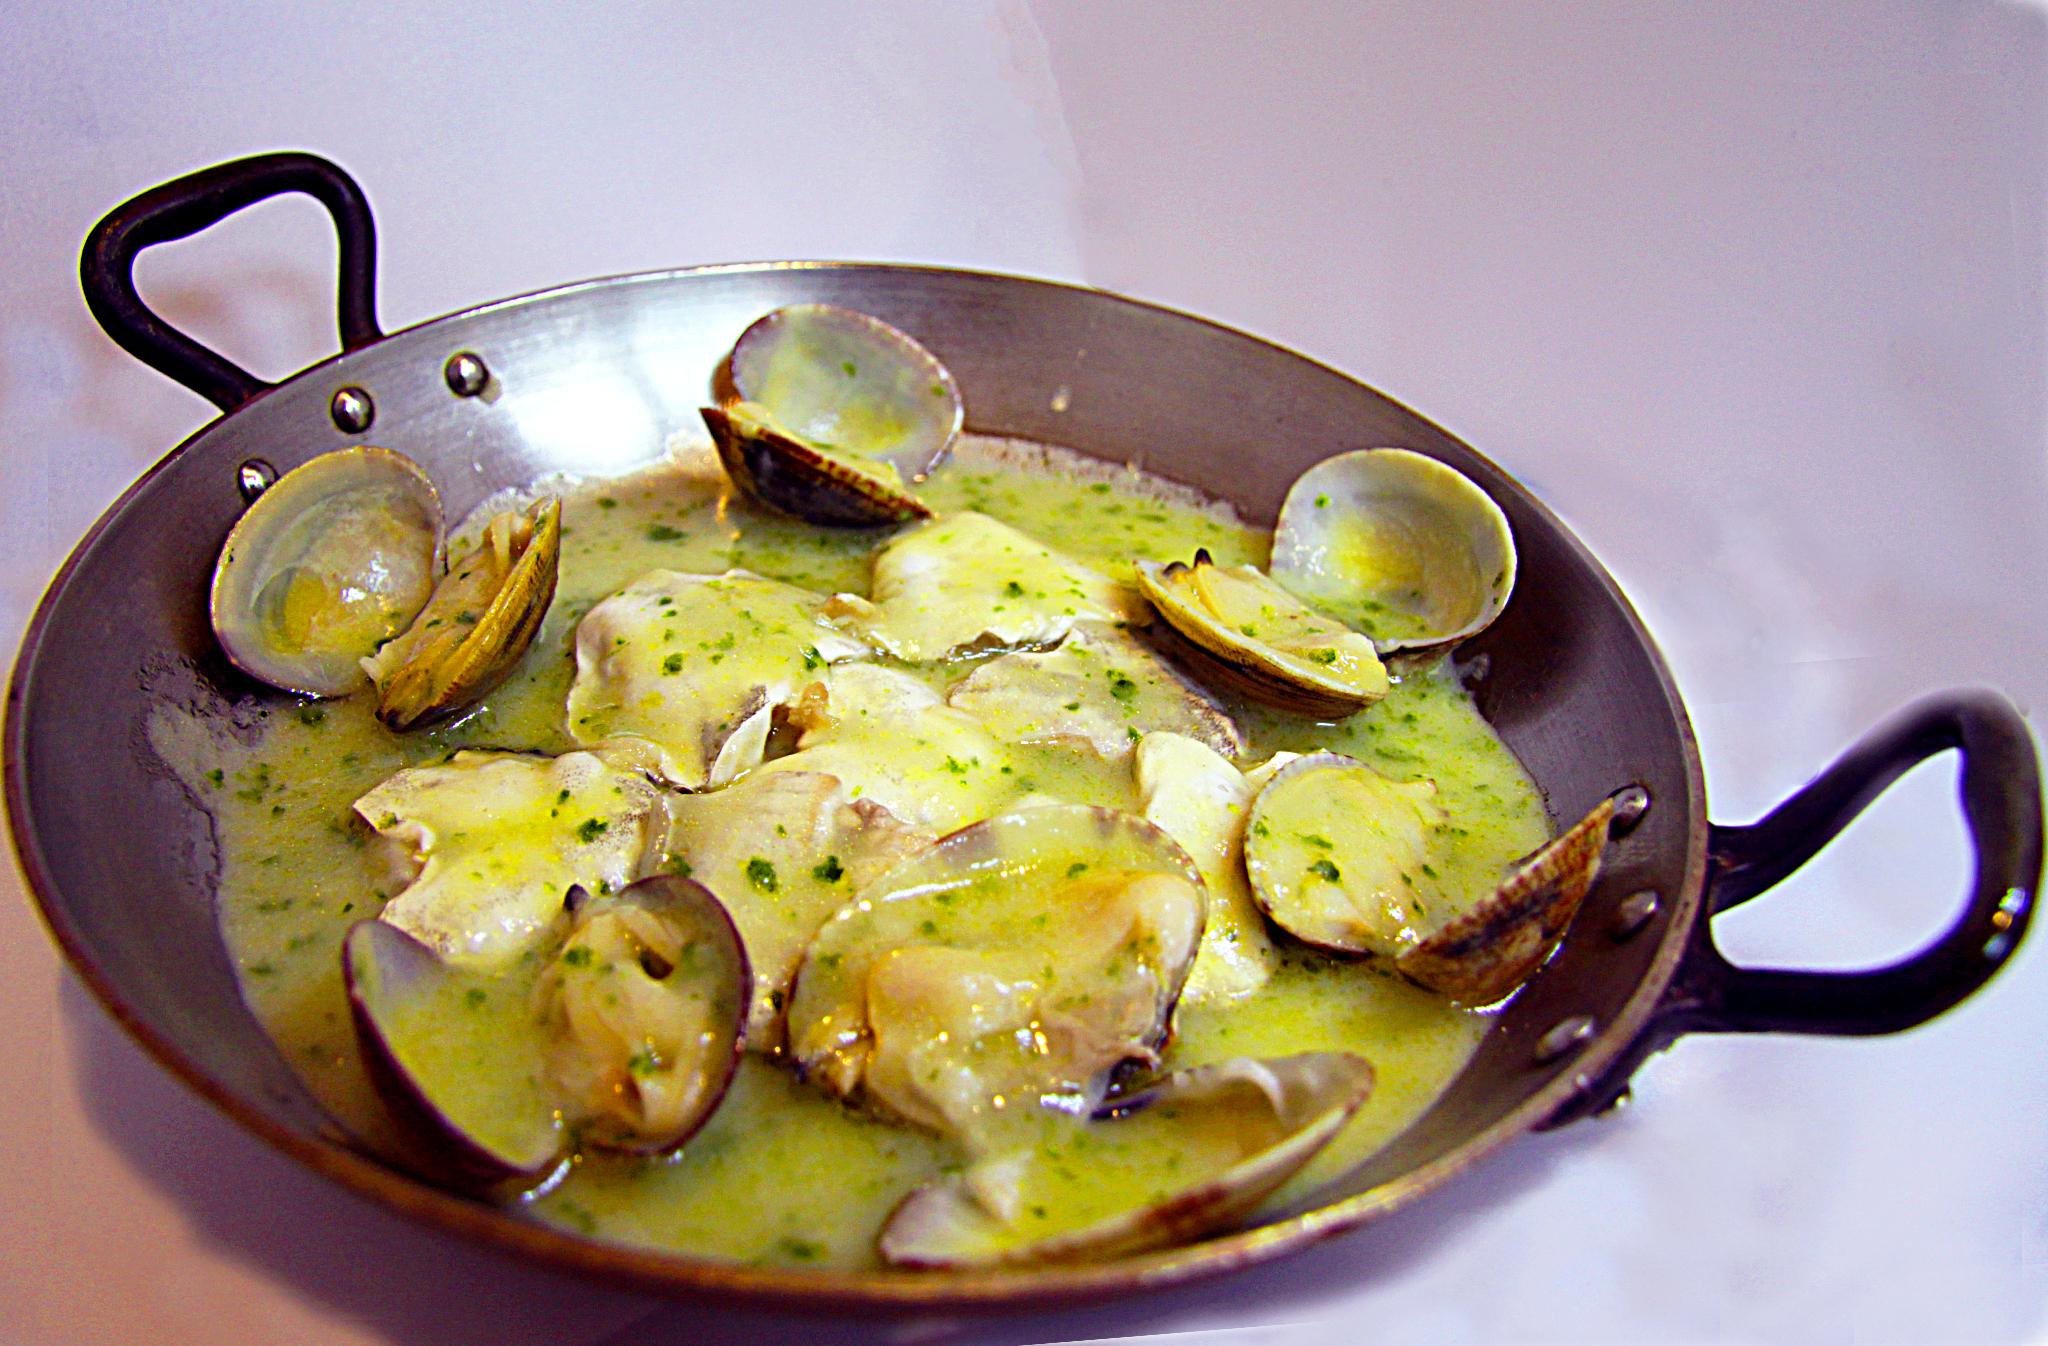 Etxanobe avda abandoibarra 4 bilbao - Salsa verde para almejas ...